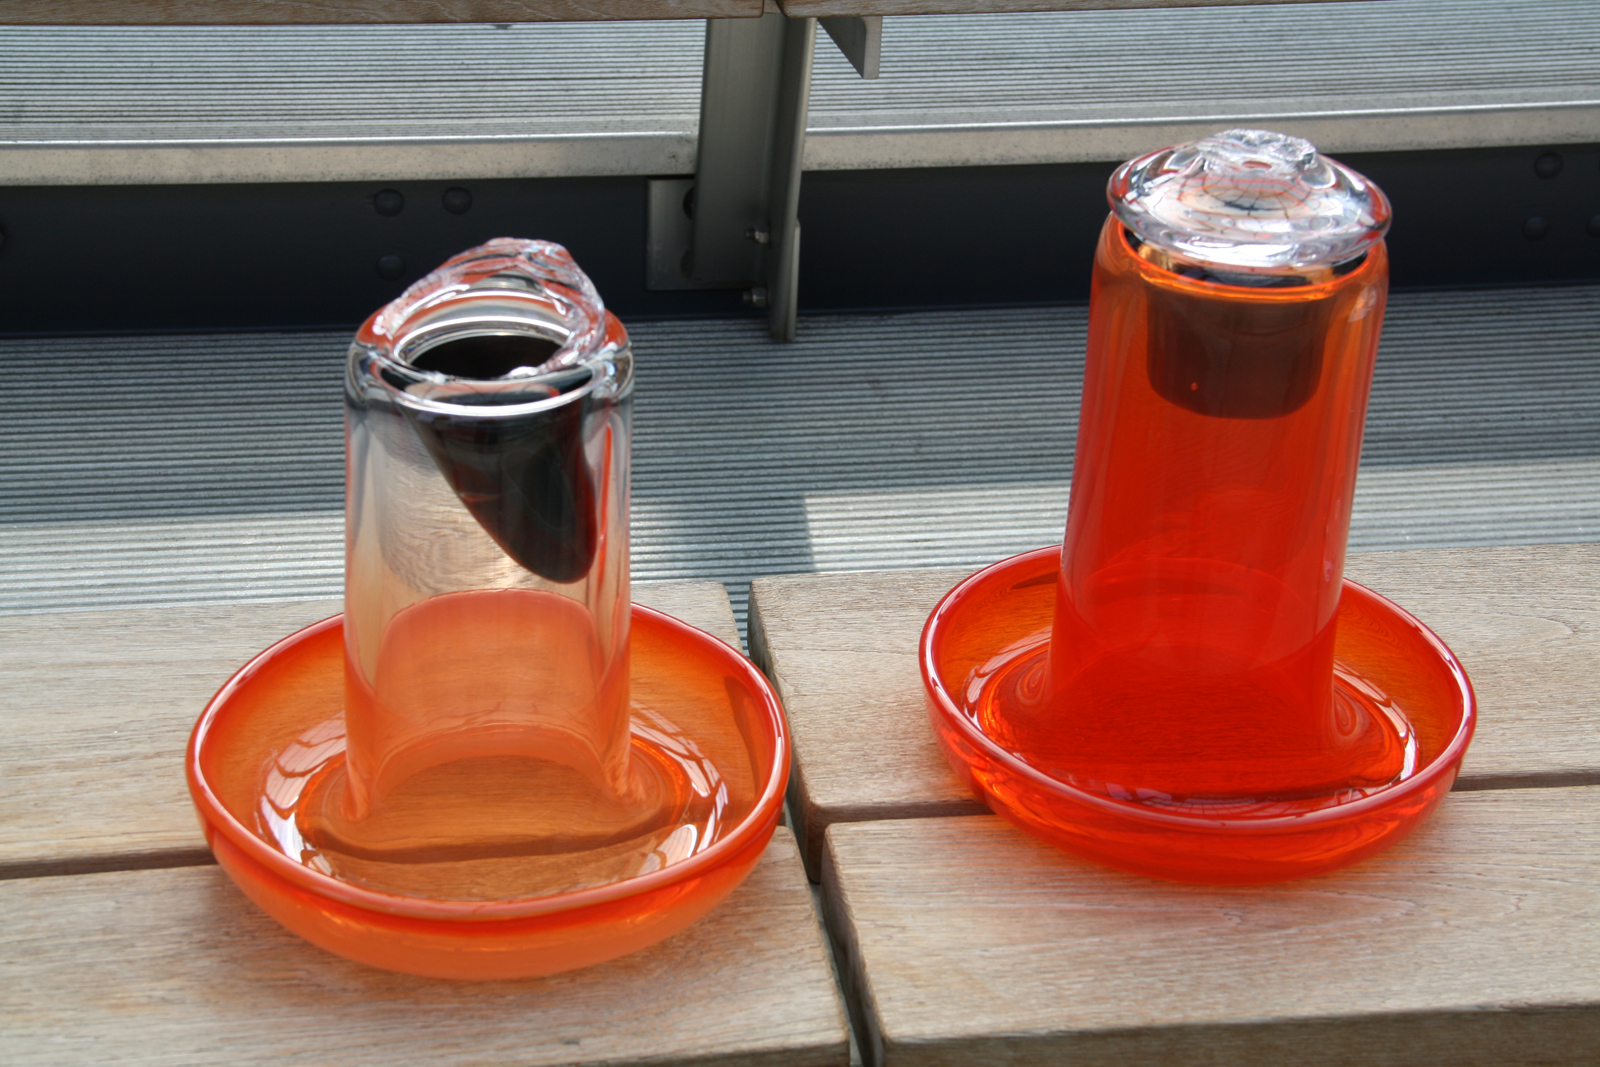 Design prototypes by Sigi Moeslinger for GlassLab in Corning, June 2012